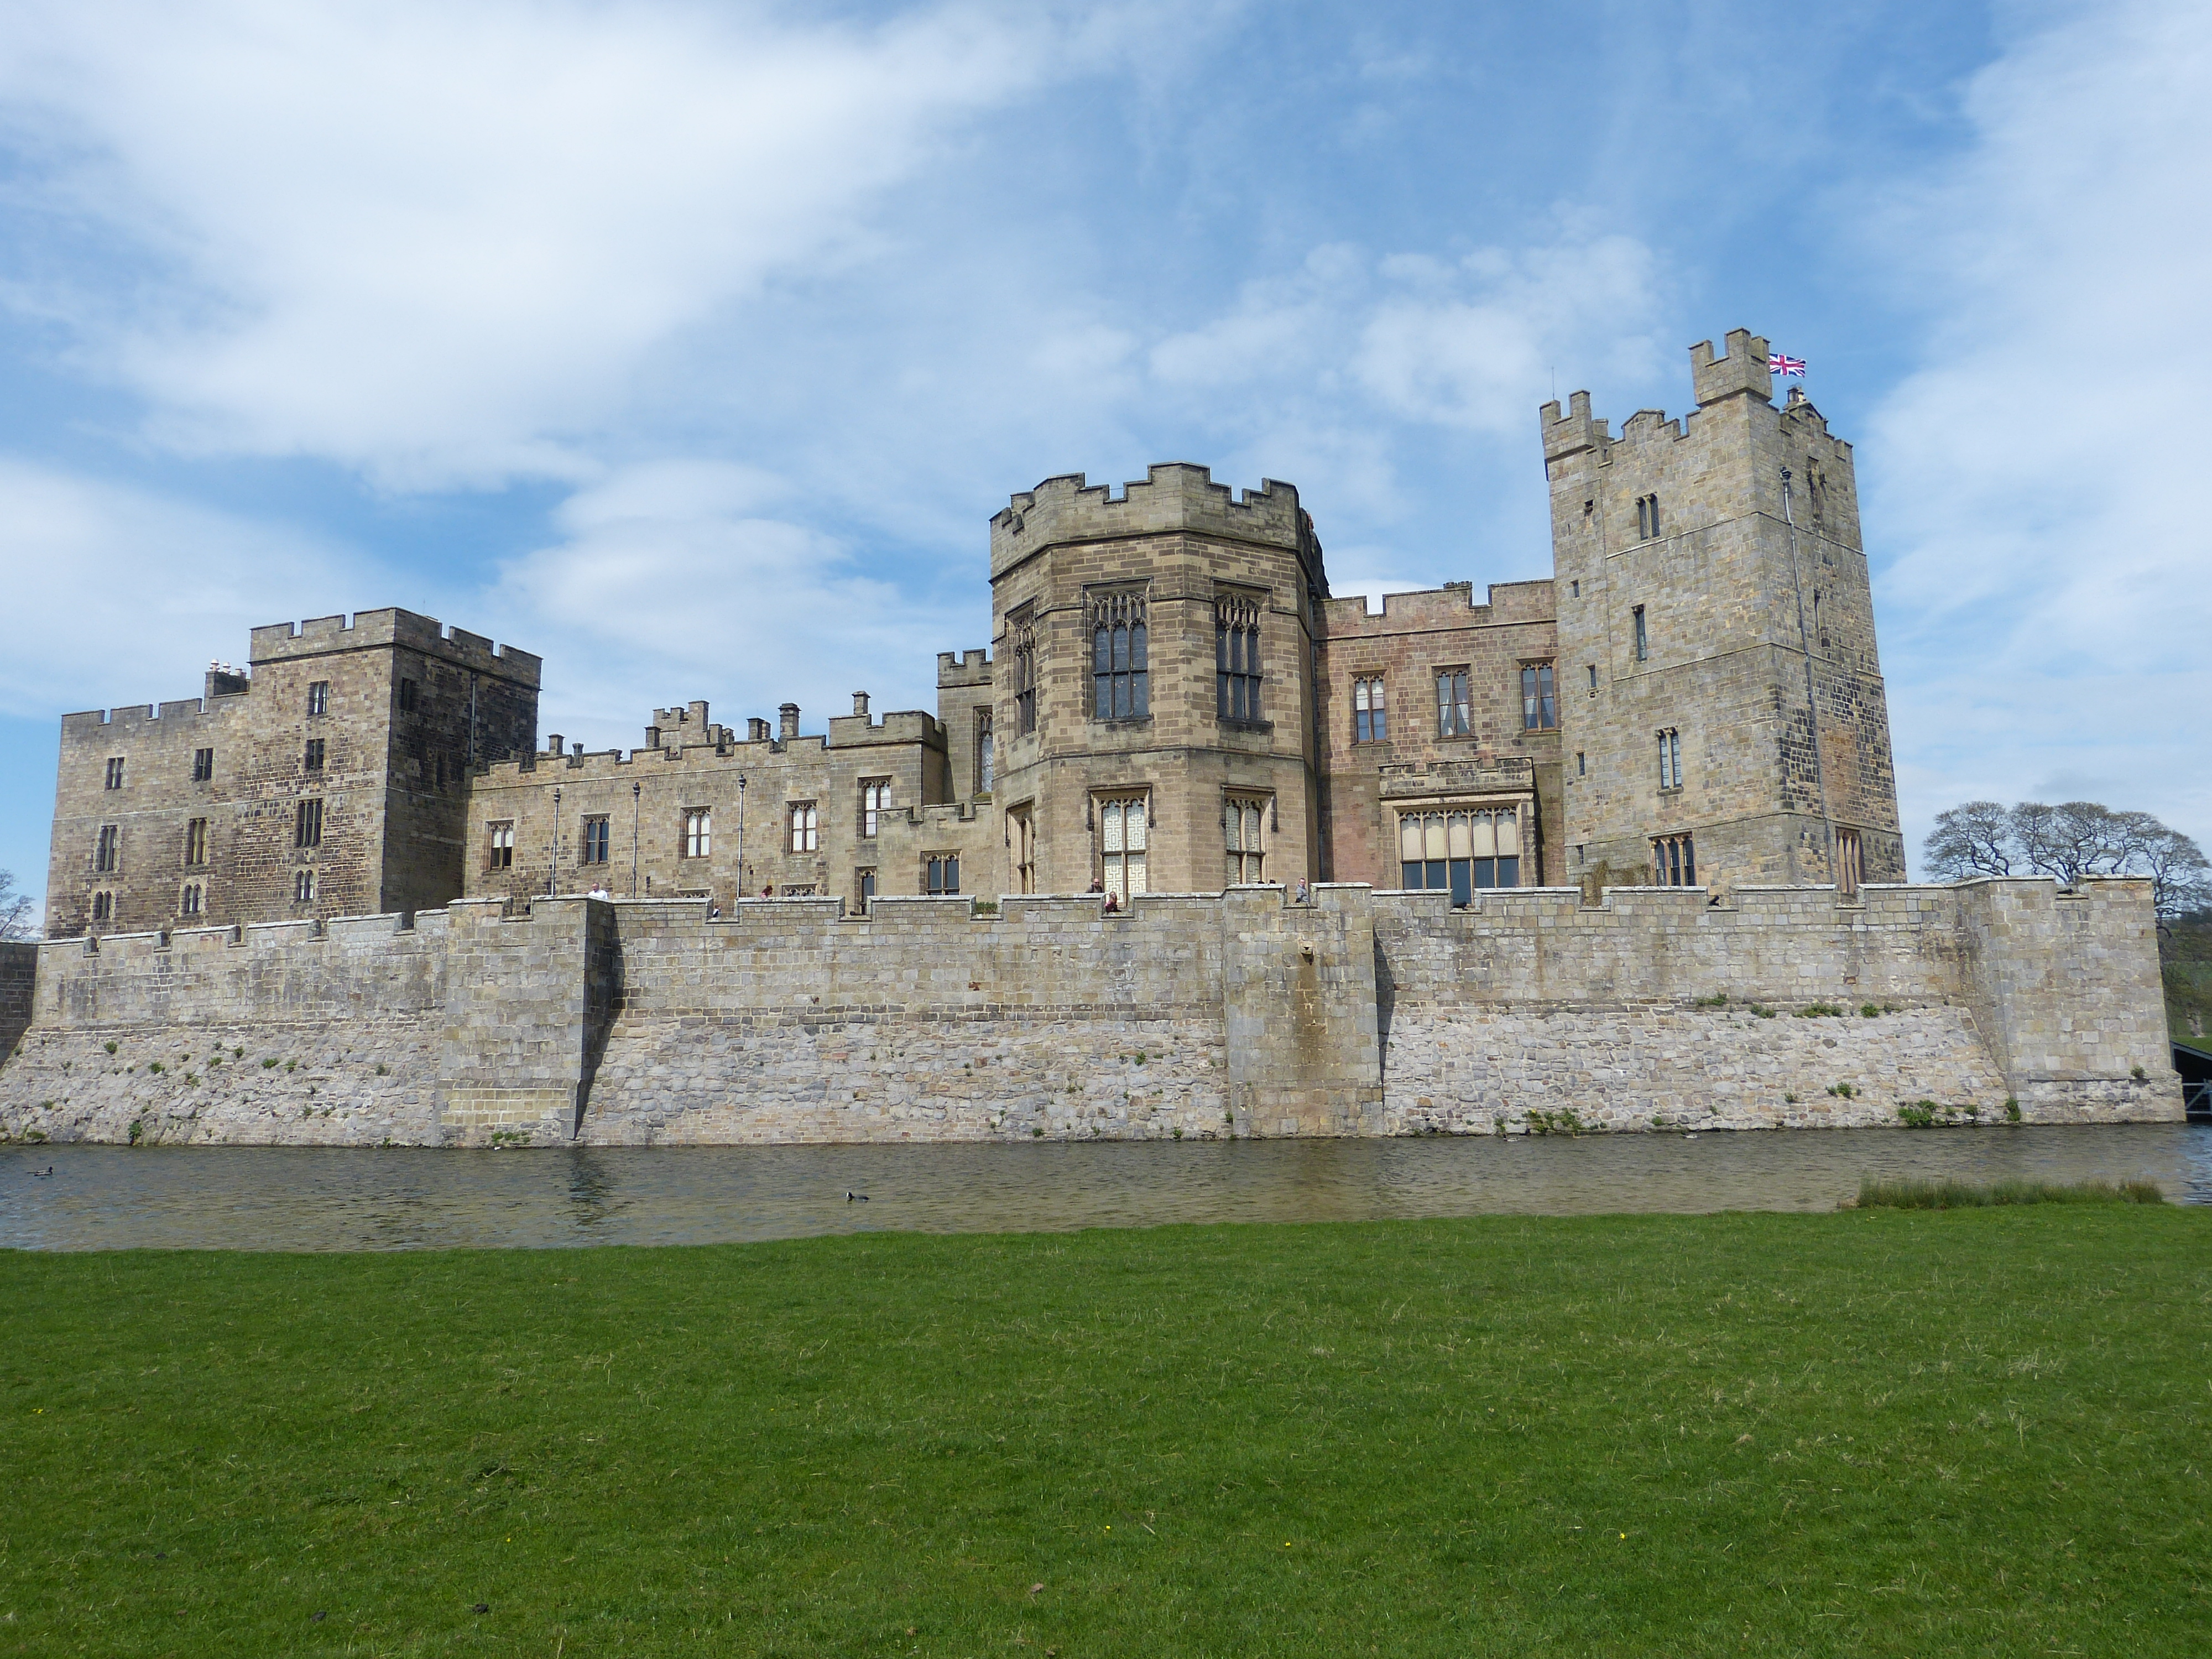 Raby Castle | Russellings in Gainford